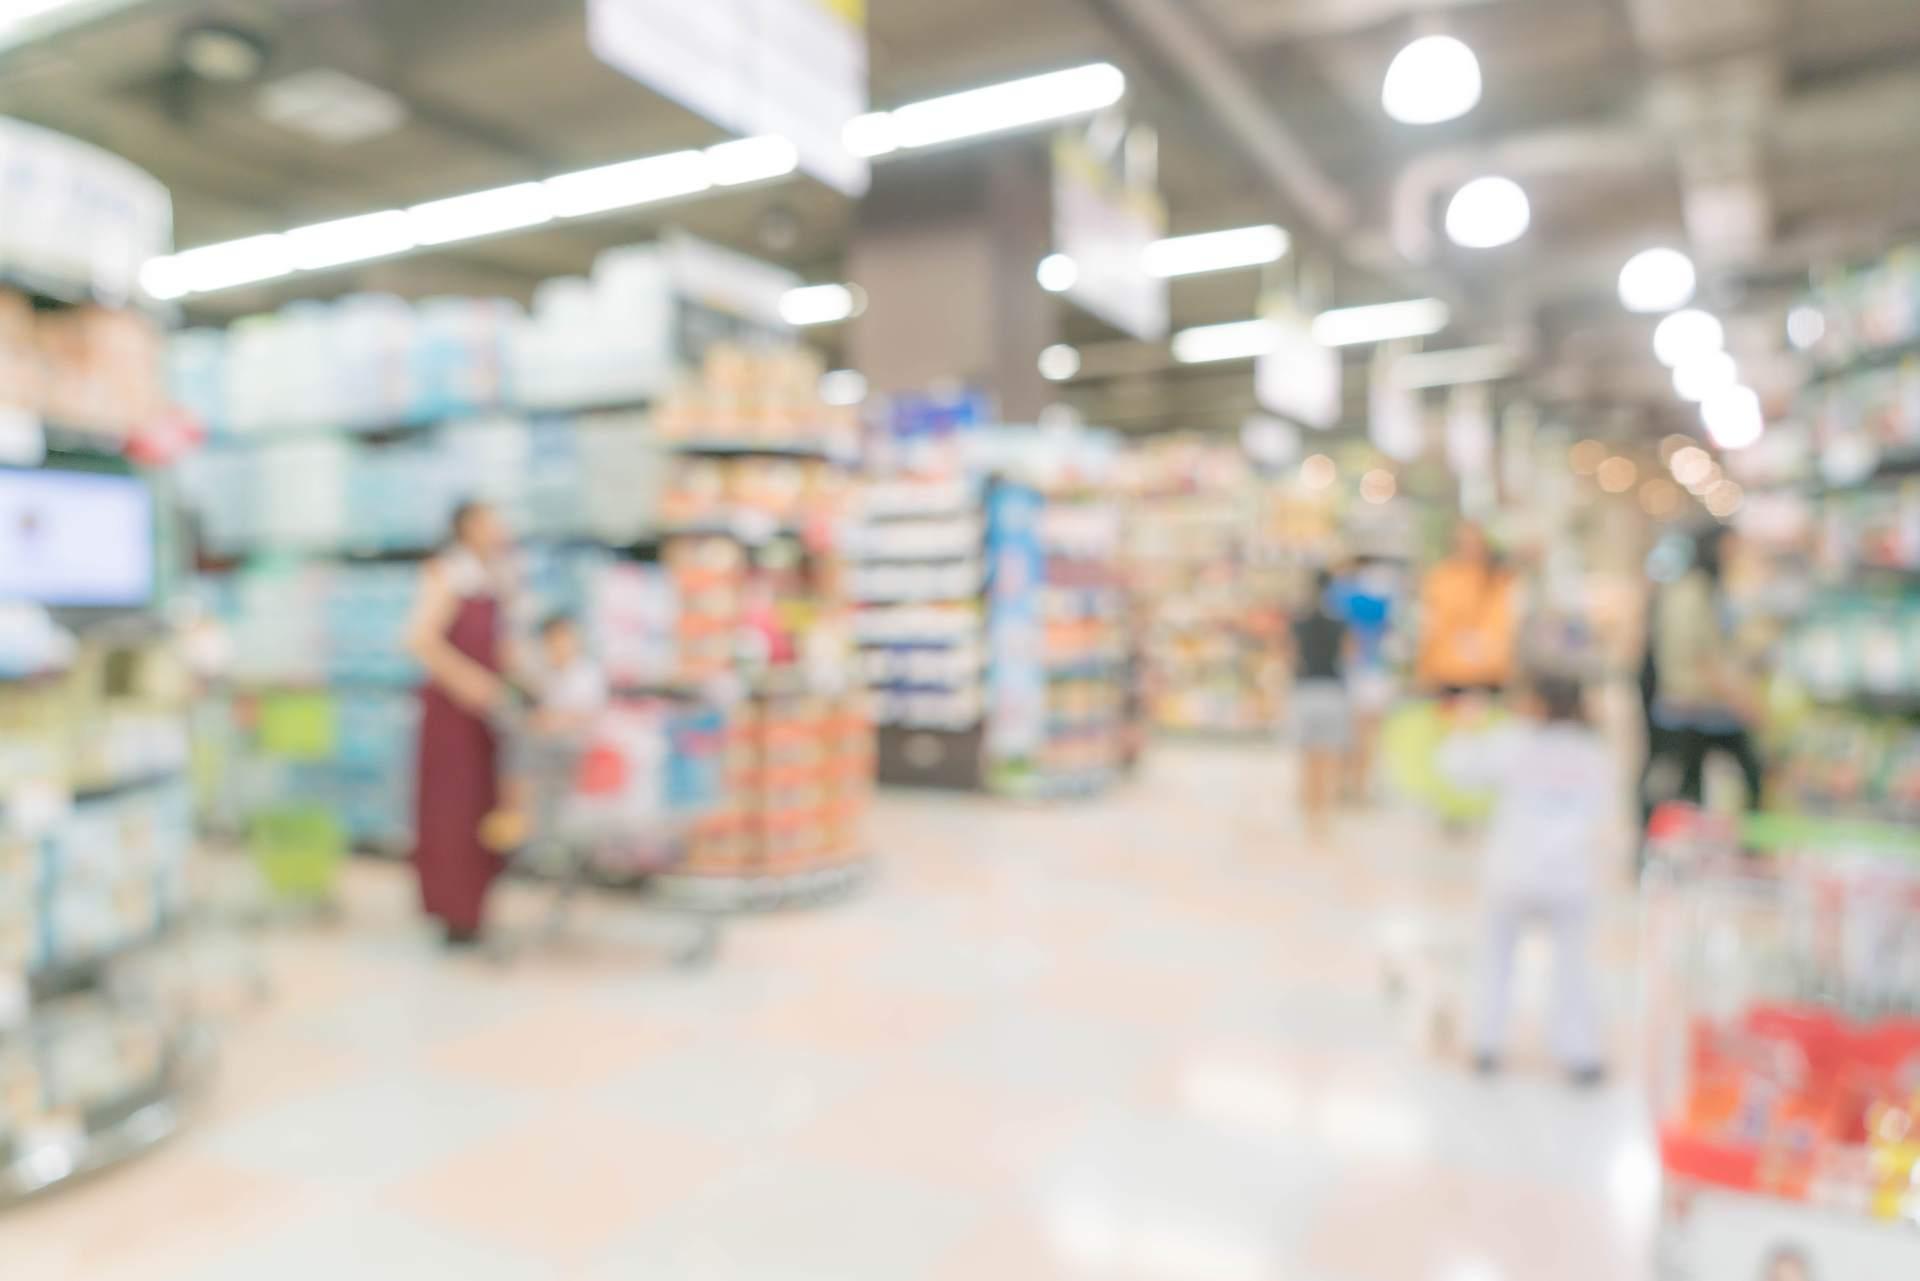 Spotter Software Helps Supermarket